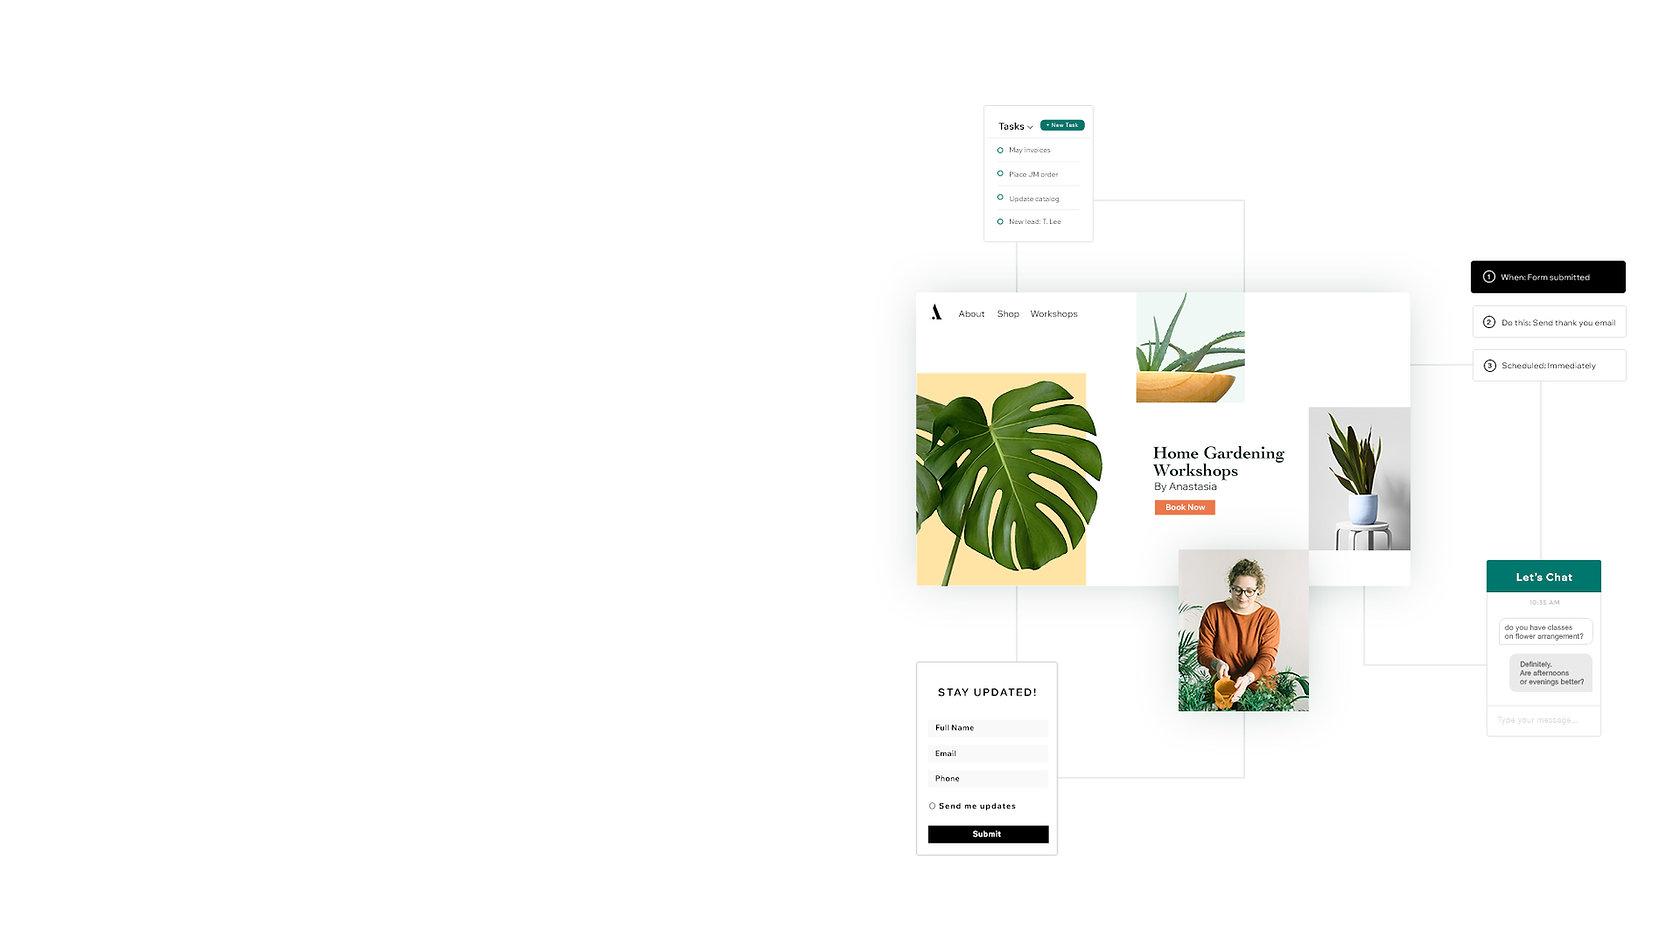 Site web qui vend des plantes et des ateliers jardinage et qui utilise les outils professionnels Ascend pour promouvoir et gérer l'activité. Notemment, les automations, le chat, les tâches et les formulaires pour développer l'entreprise en ligne.